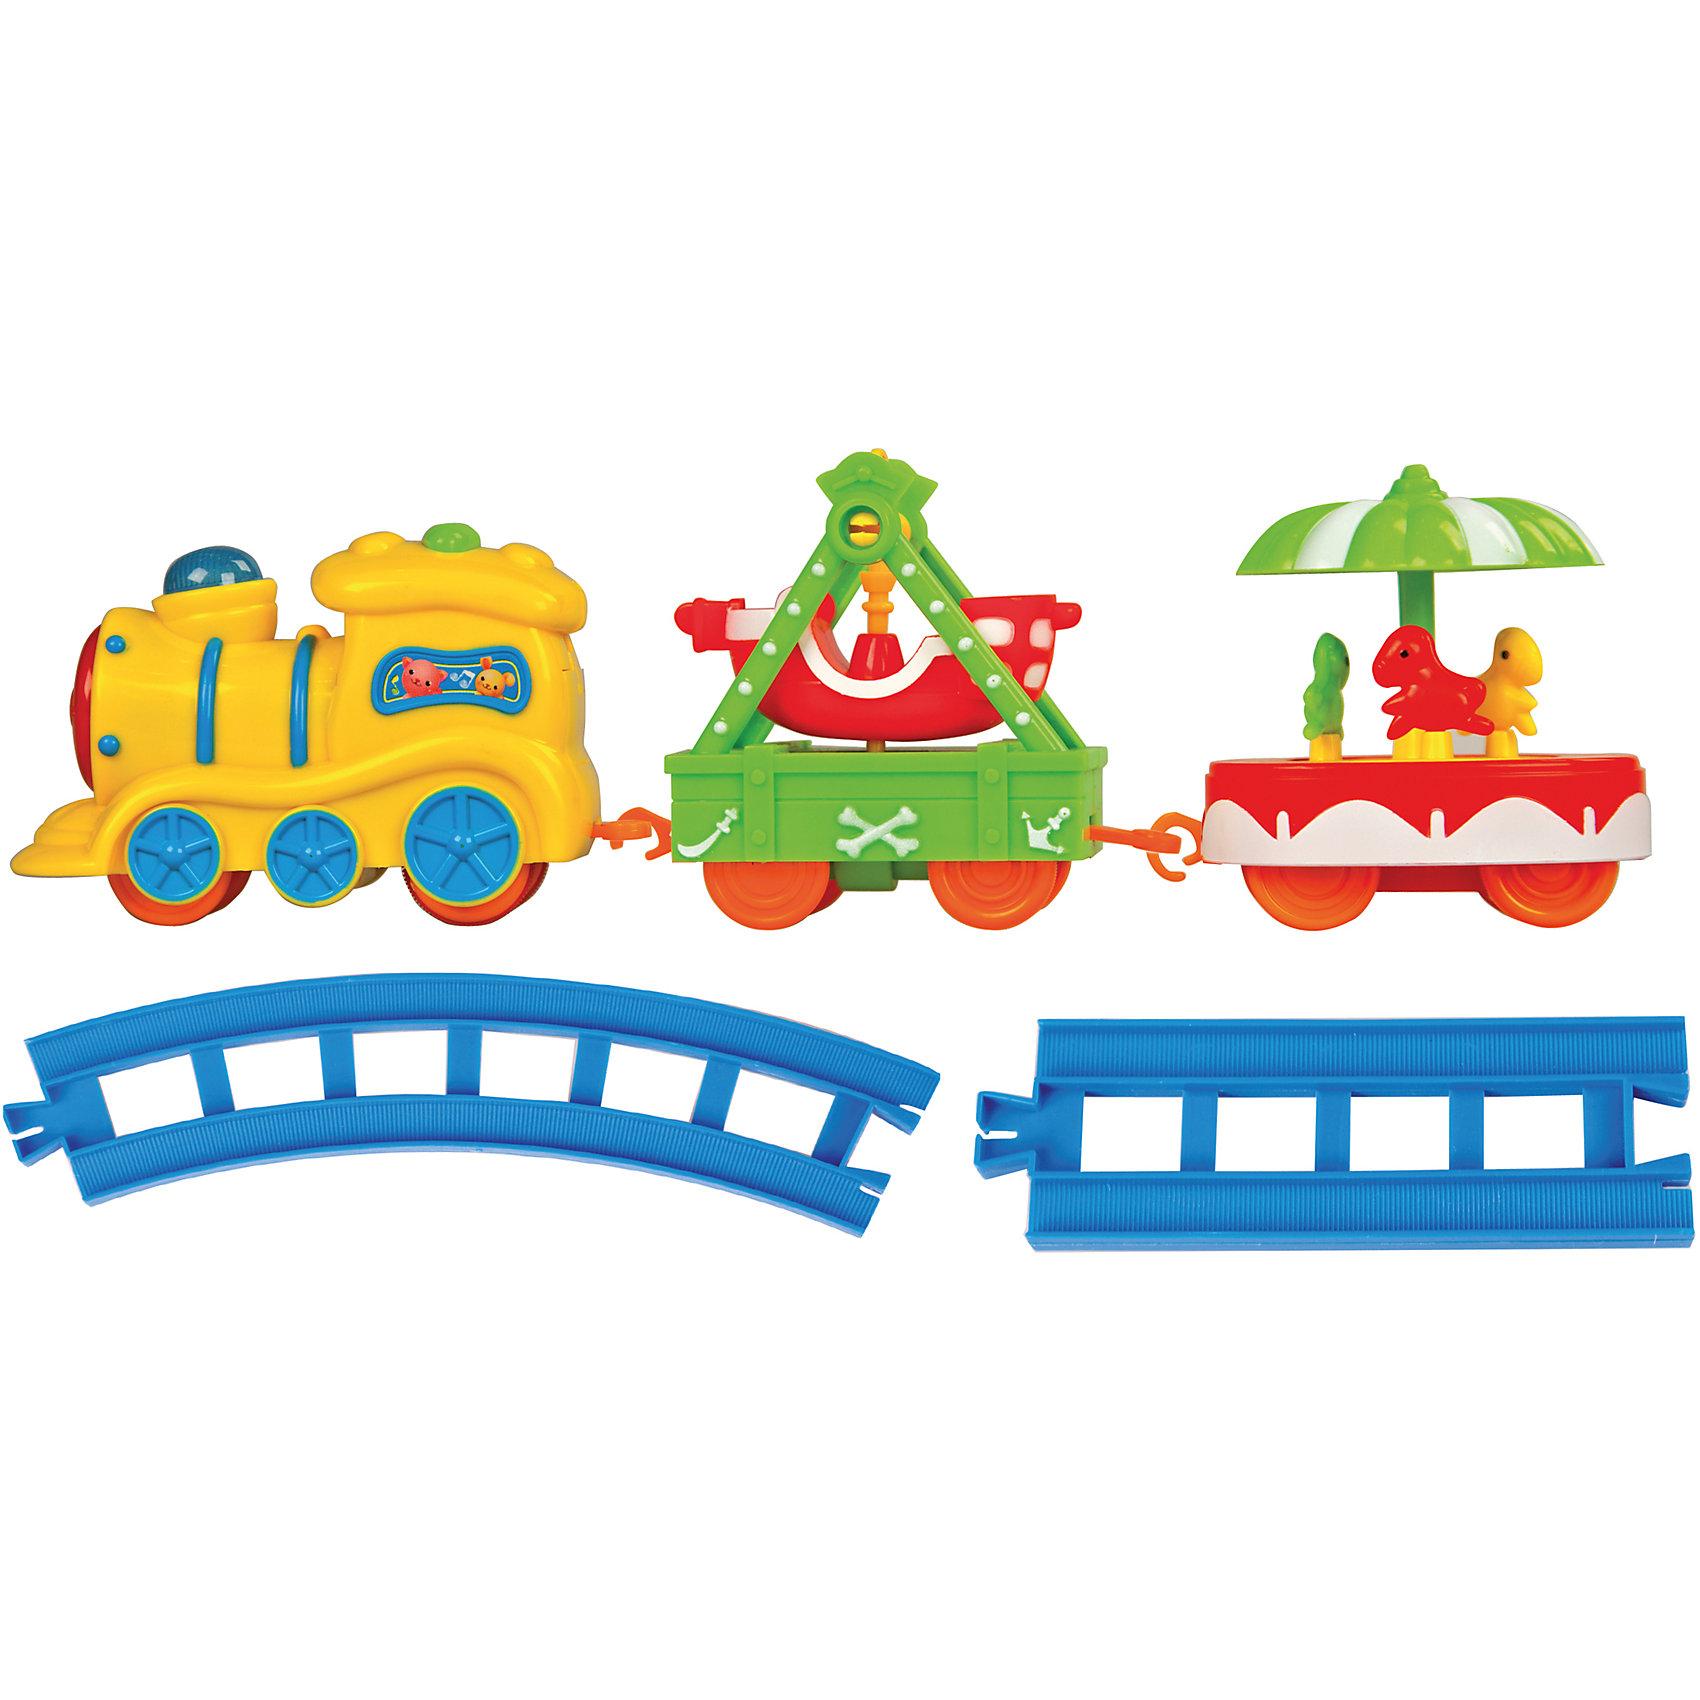 Железная дорога Карусель, Голубая стрелаИгрушечная железная дорога<br>Железная дорога Карусель, Голубая стрела.<br><br>Характеристики:<br><br>• Комплектация: паровоз, два ярких вагончиков с каруселями, элементы пути (4 прямых, 8 изогнутых дугой)<br>• Рельсы: длина прямого элемента - 10,5 см, длина изогнутого – 16,5 см.<br>• Размер паровозика: 12х4,7х7 см.<br>• Ширина колеи: 15 мм.<br>• Батарейки: 2 типа АА (не входят в комплект)<br>• Материал: пластик<br>• Упаковка: картонная коробка блистерного типа<br>• Размер упаковки: 30,5х20,5х7 см.<br><br>Железная дорога Карусель от производителя Голубая стрела понравится самым маленьким! Ведь все элементы игрушки такие яркие. Поезд словно из мультика приехал. И готов развлекать малышей! Весь набор состоит из элементов пути, чудесного паровоза, двух ярких вагончиков с каруселями. На одной карусели по кругу движутся три милые лошадки. Вторая карусель представляет собой качели в форме корабля. <br><br>Элементы дороги можно собирать в двух вариантах: кругом или овалом. Рельсы соединяются между собой очень просто, как пазл. Вагончики и паровоз – с помощью петелек. Движение состава по рельсам сопровождается звуковыми и световыми эффектами. Благодаря им игра будет безумно интересной. Движение паровоза происходит в зависимости от положения переключателя вкл./выкл. Играя с железной дорогой, ребенок разовьет пространственное мышление, мелкую моторику рук и воображение.<br><br>Железную дорогу Карусель, Голубая стрела можно купить в нашем интернет-магазине.<br><br>Ширина мм: 300<br>Глубина мм: 200<br>Высота мм: 70<br>Вес г: 458<br>Возраст от месяцев: 36<br>Возраст до месяцев: 2147483647<br>Пол: Мужской<br>Возраст: Детский<br>SKU: 5400245